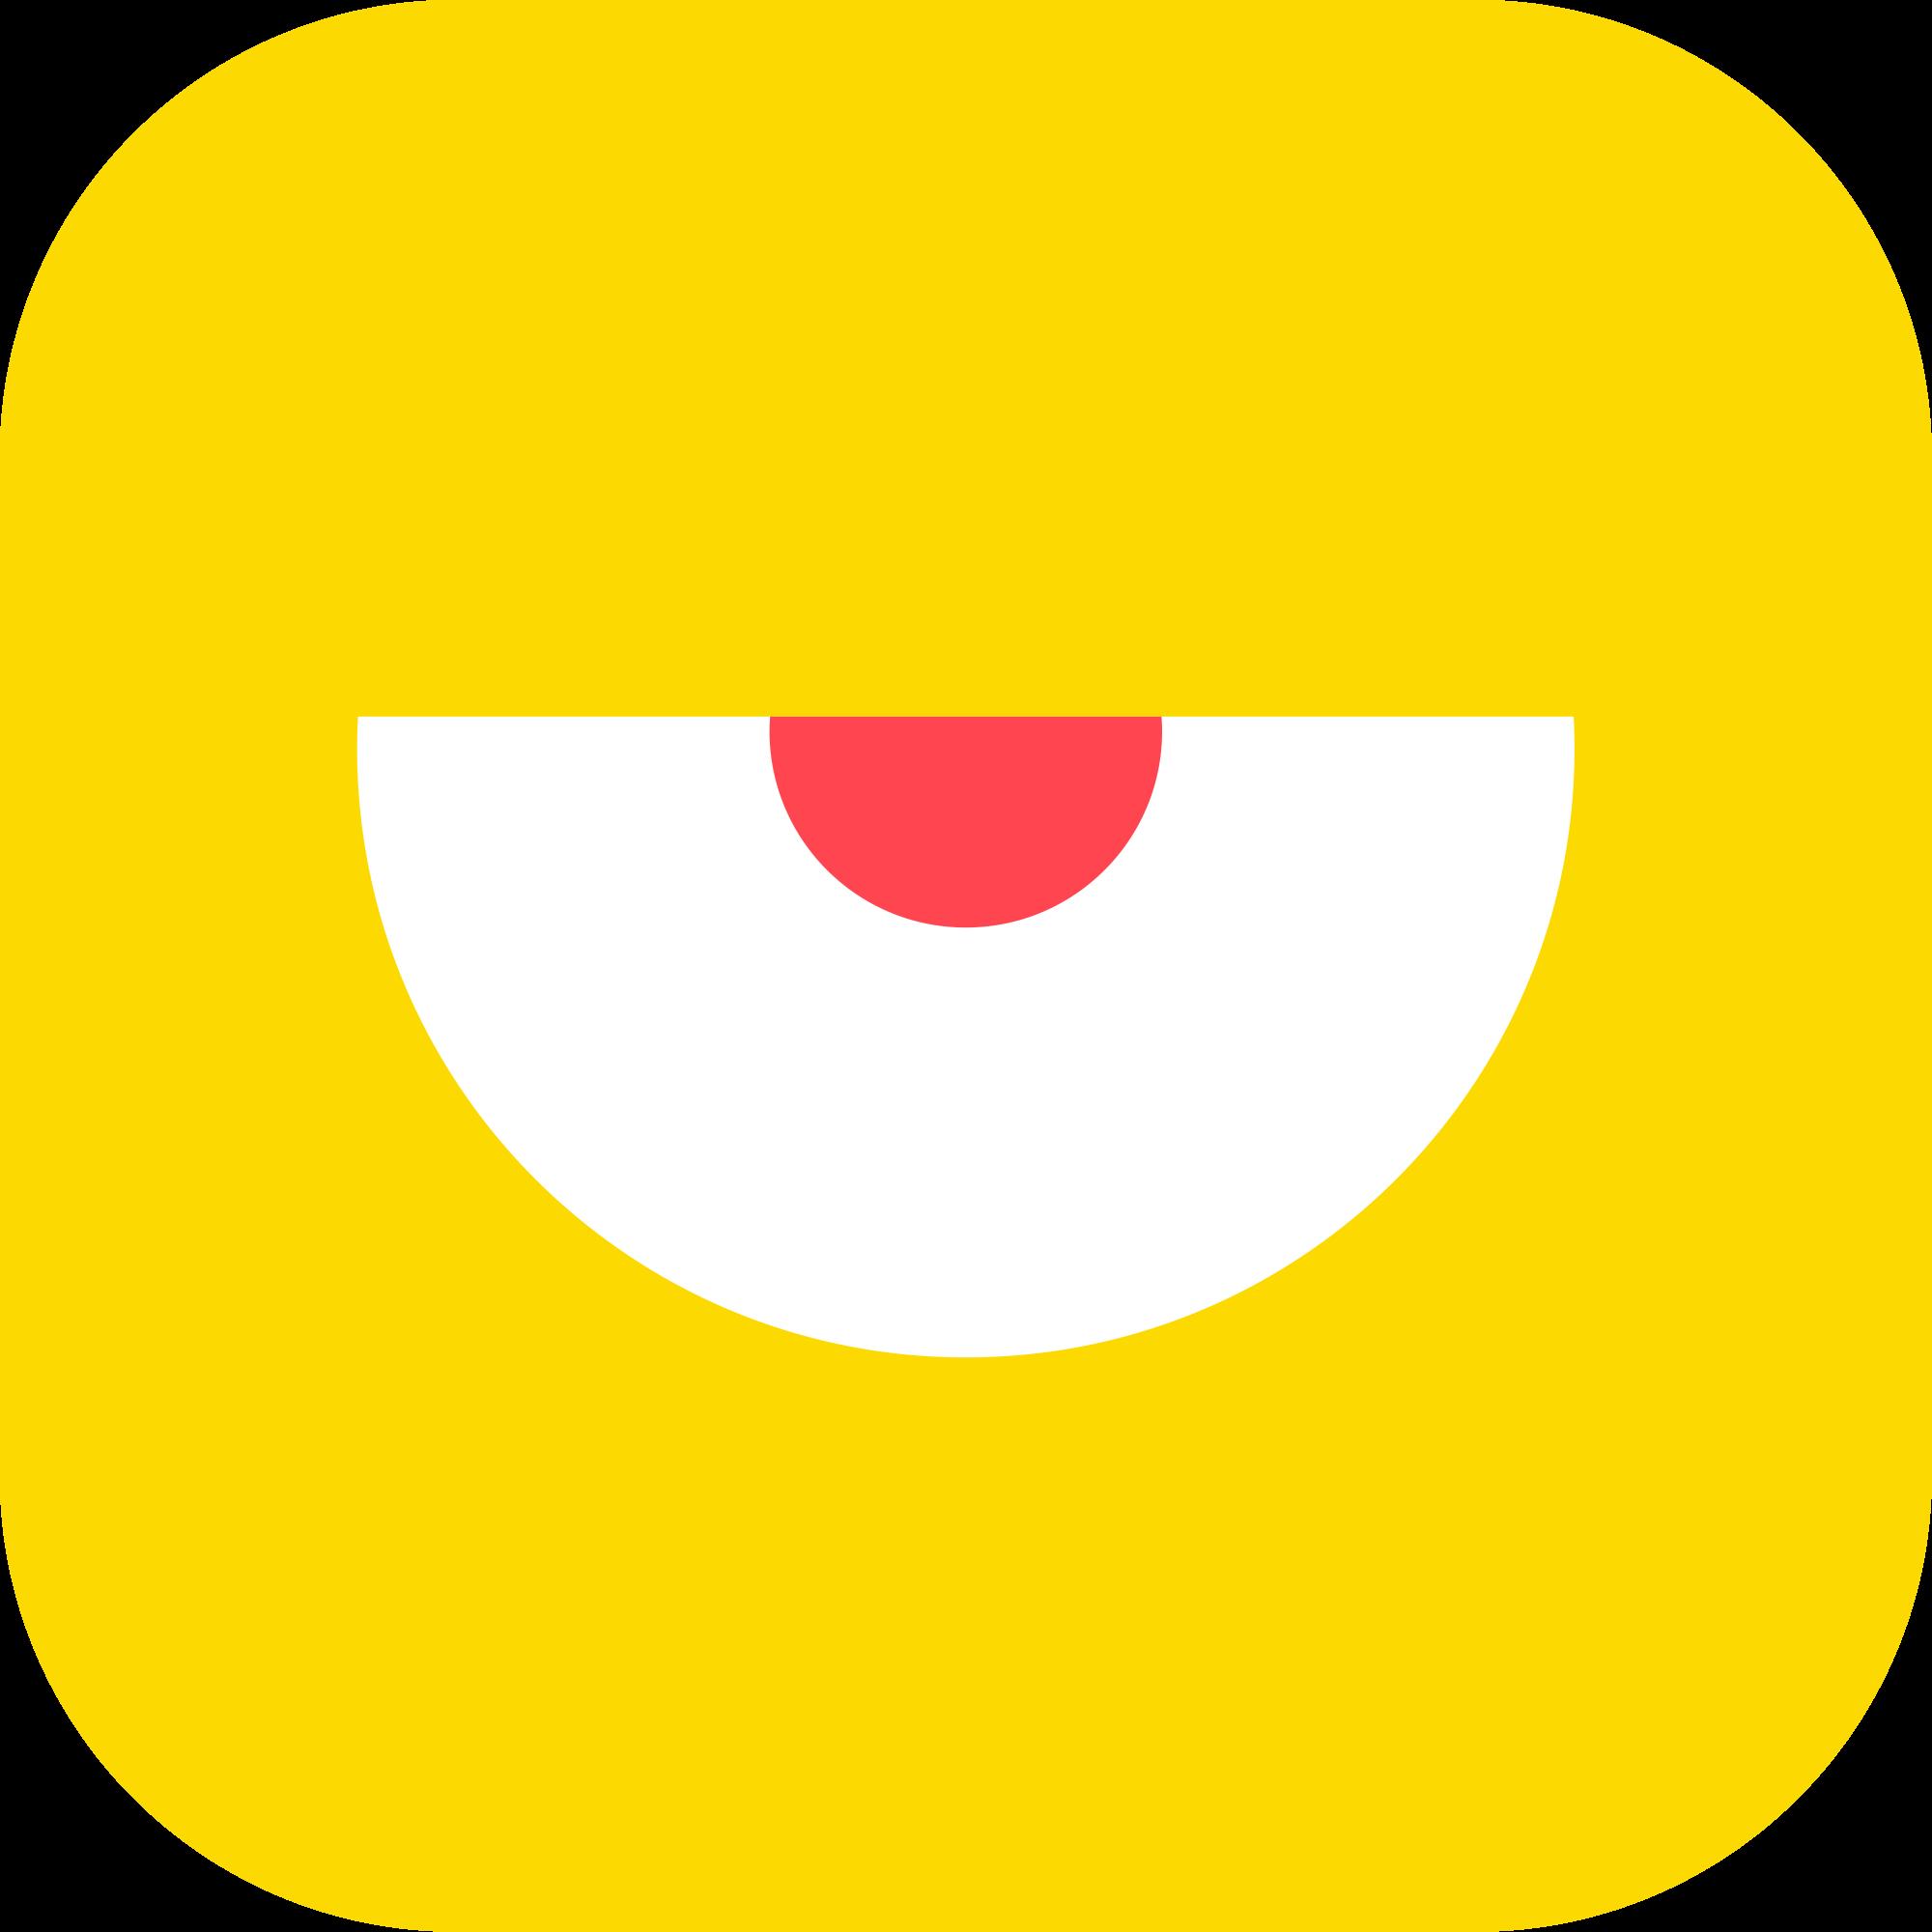 安徽全国招聘信息网+玩吧